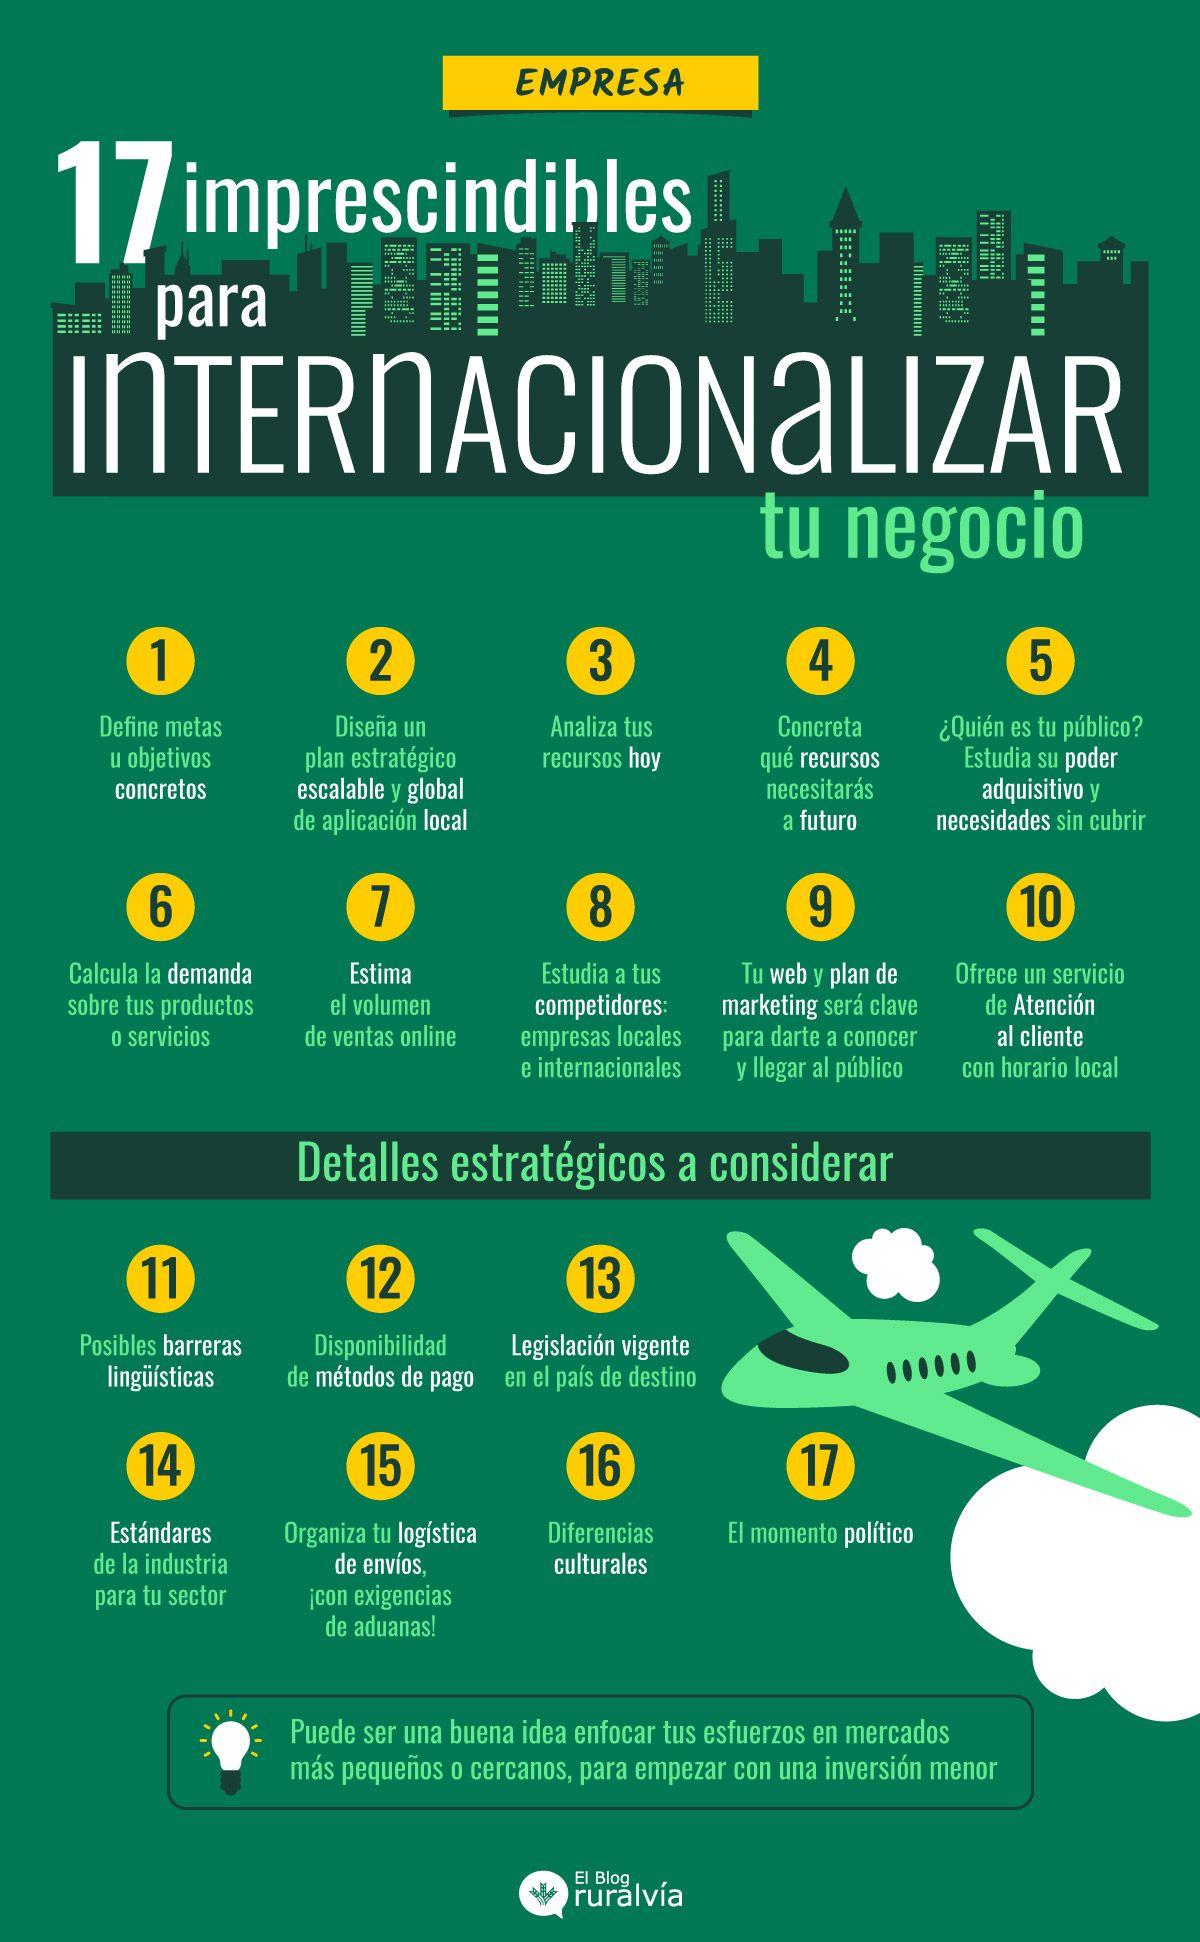 17 imprescindibles para internacionalizar tu negocio